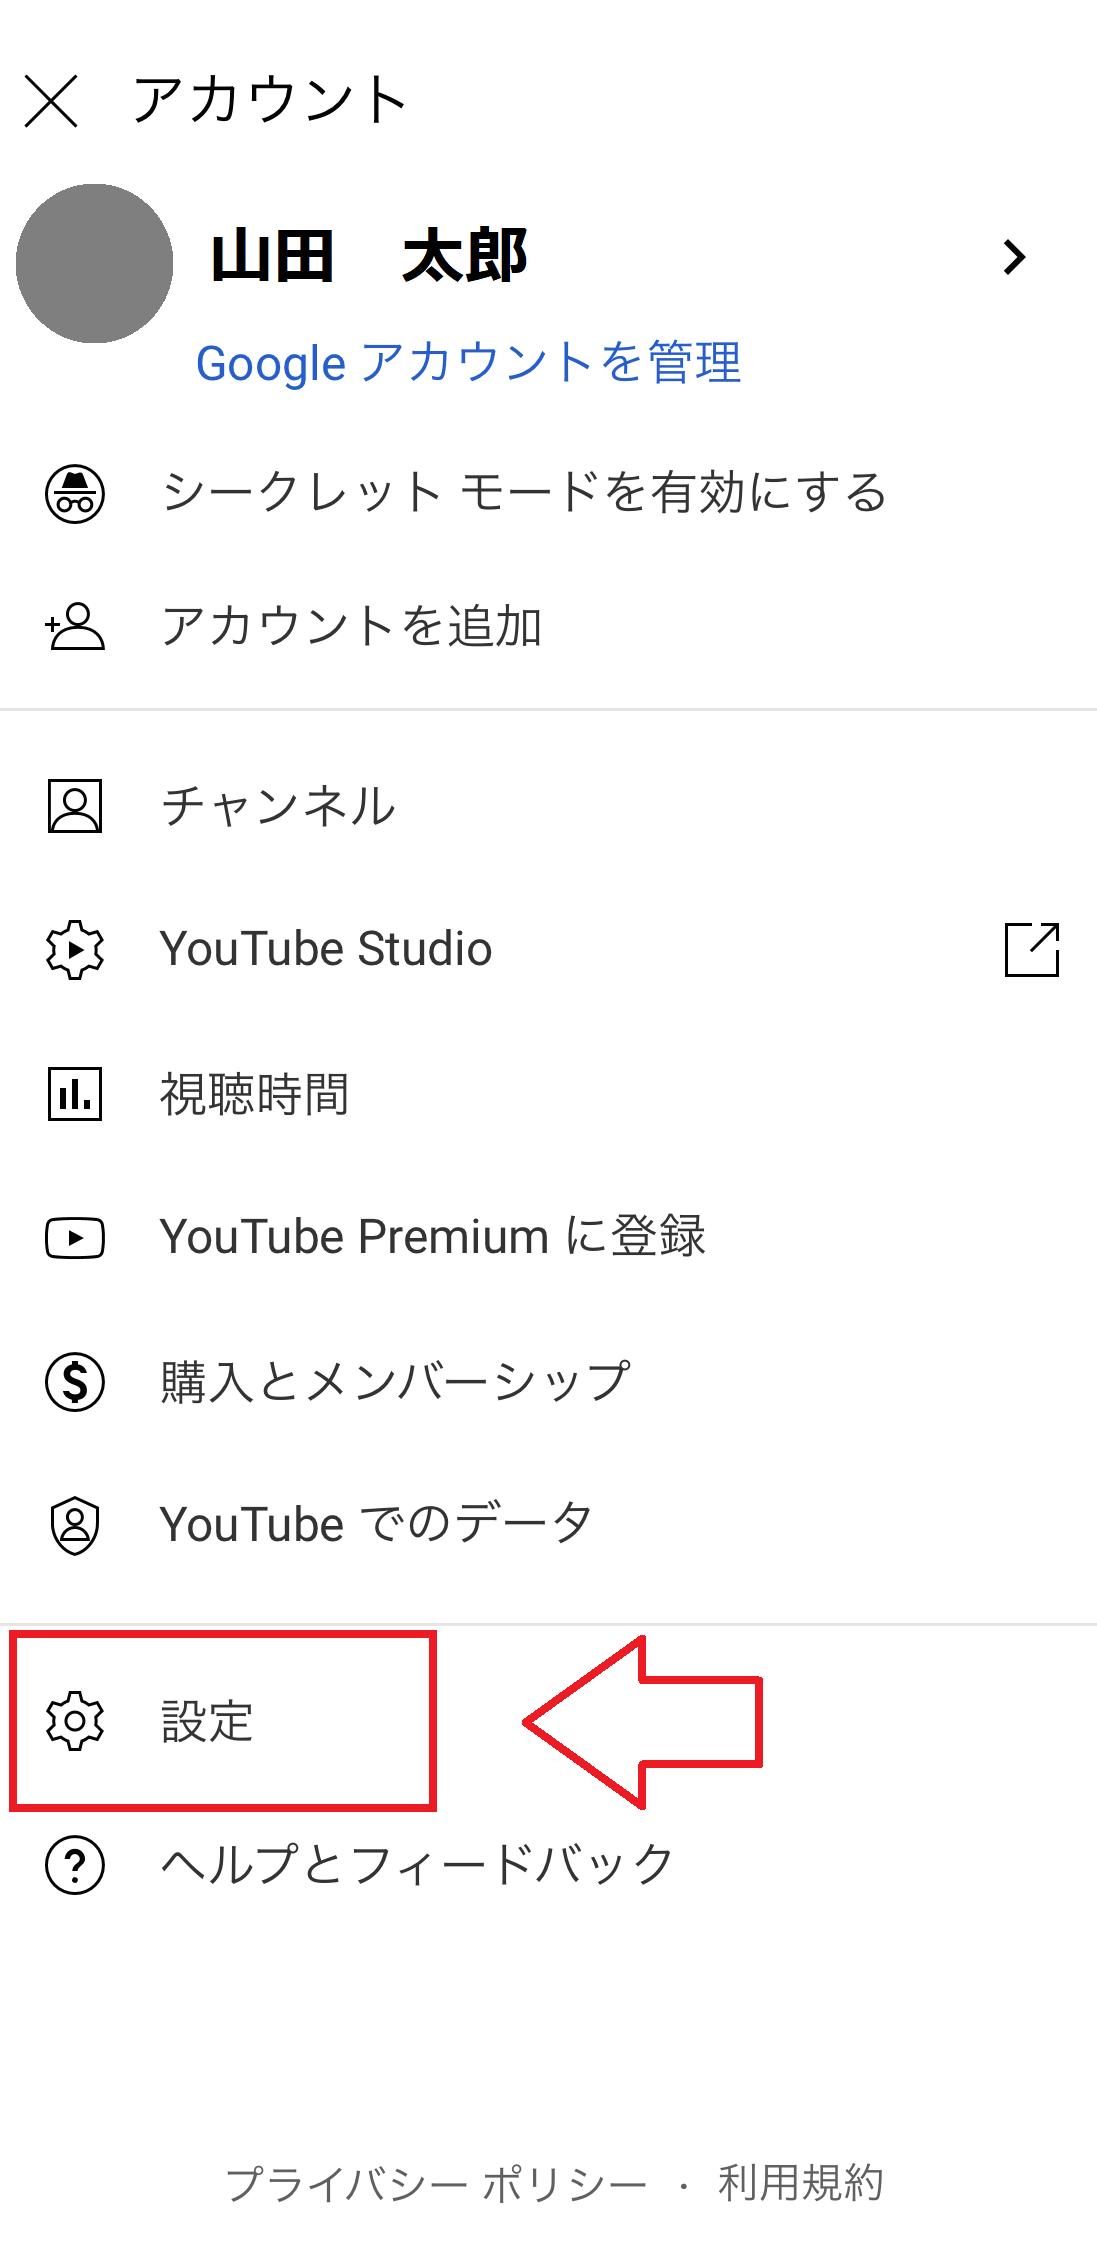 【2021年版】YouTubeでコメントが表示されない原因と対処法